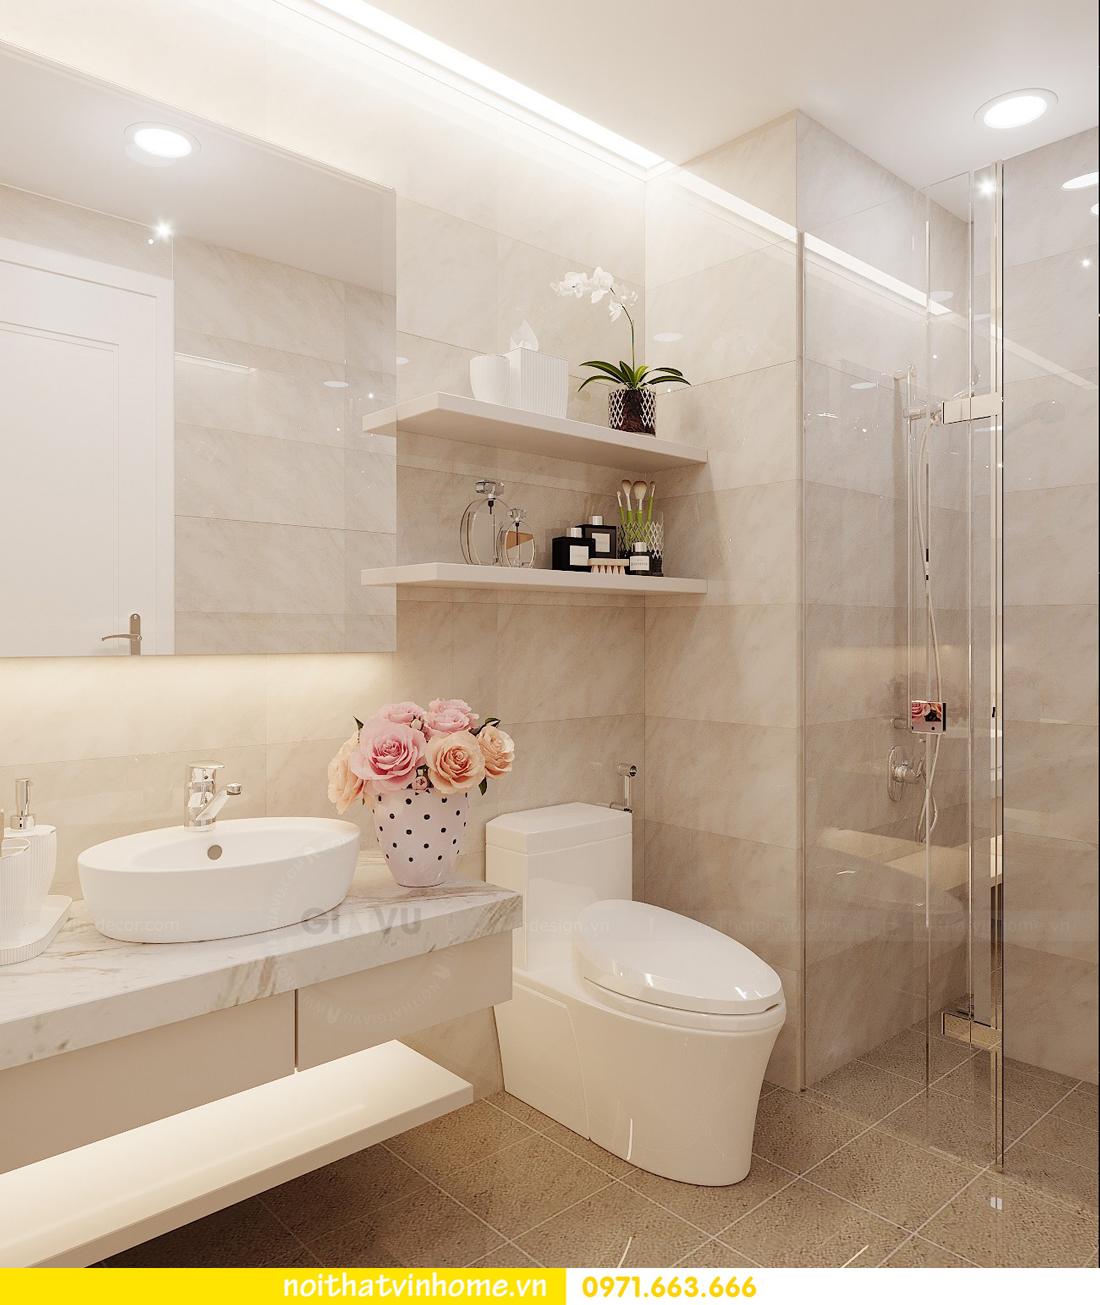 thiết kế nội thất chung cư Vinhomes Green Bay căn G210 nhà chị Phương 13